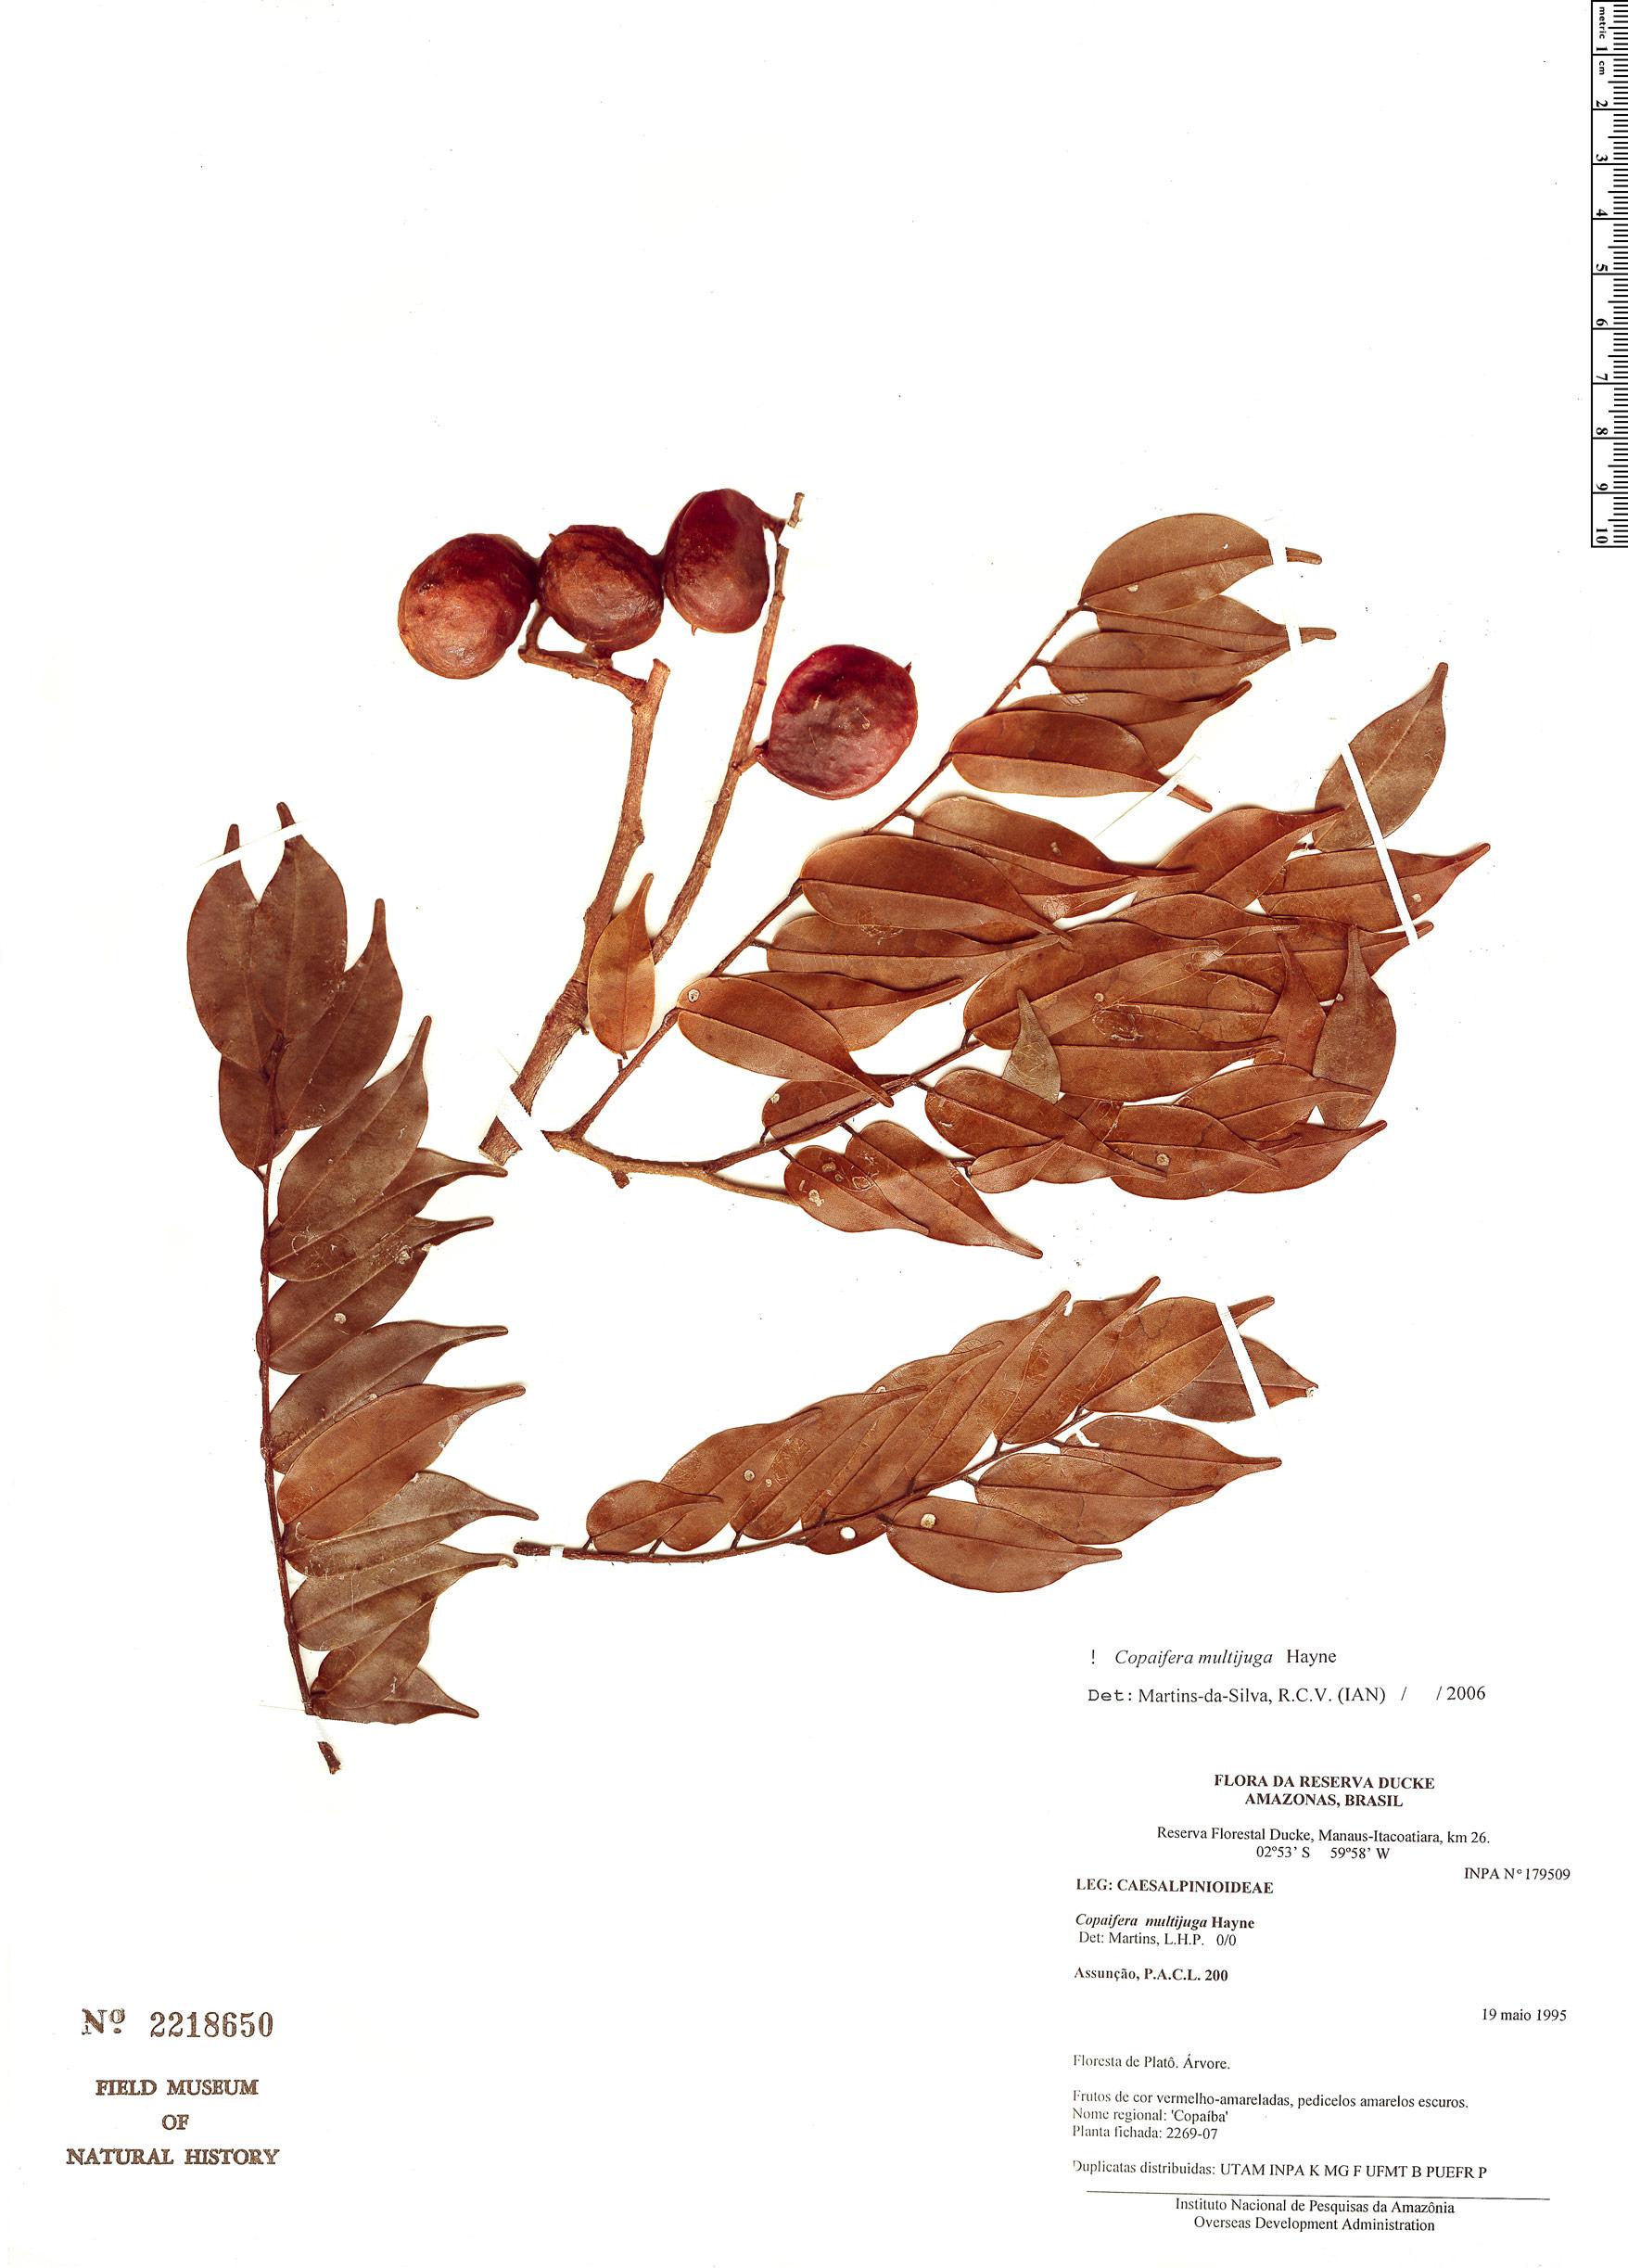 Specimen: Copaifera multijuga